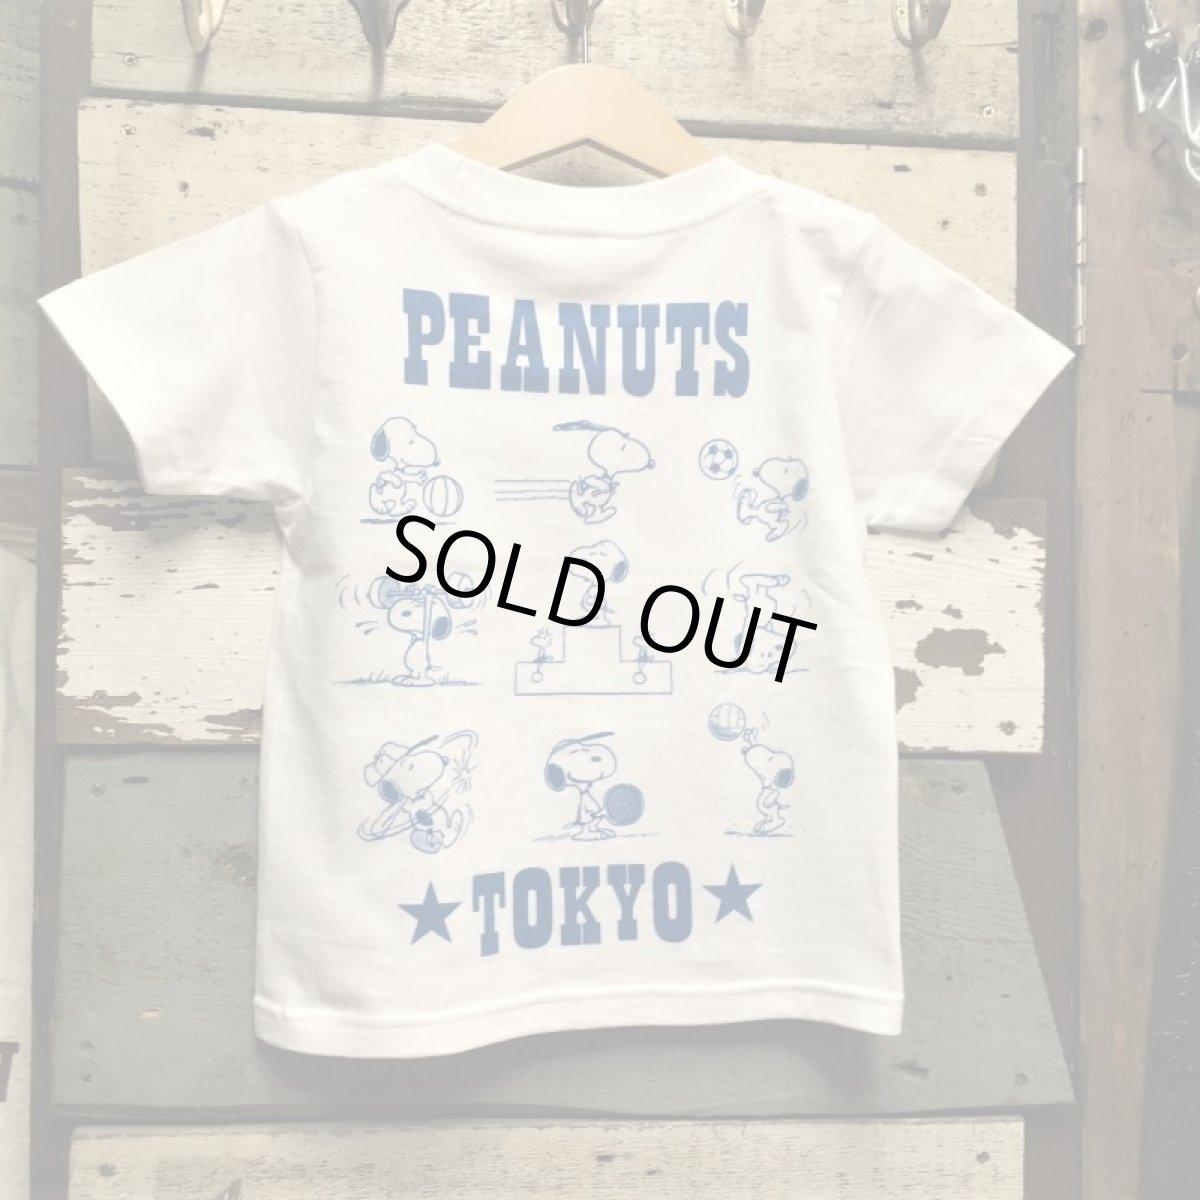 画像1: KIDS BUDDY 別注 PEANUTS スヌーピー キッズ Tシャツ WORLD CHAMPIONSHIP TOKYO (1)